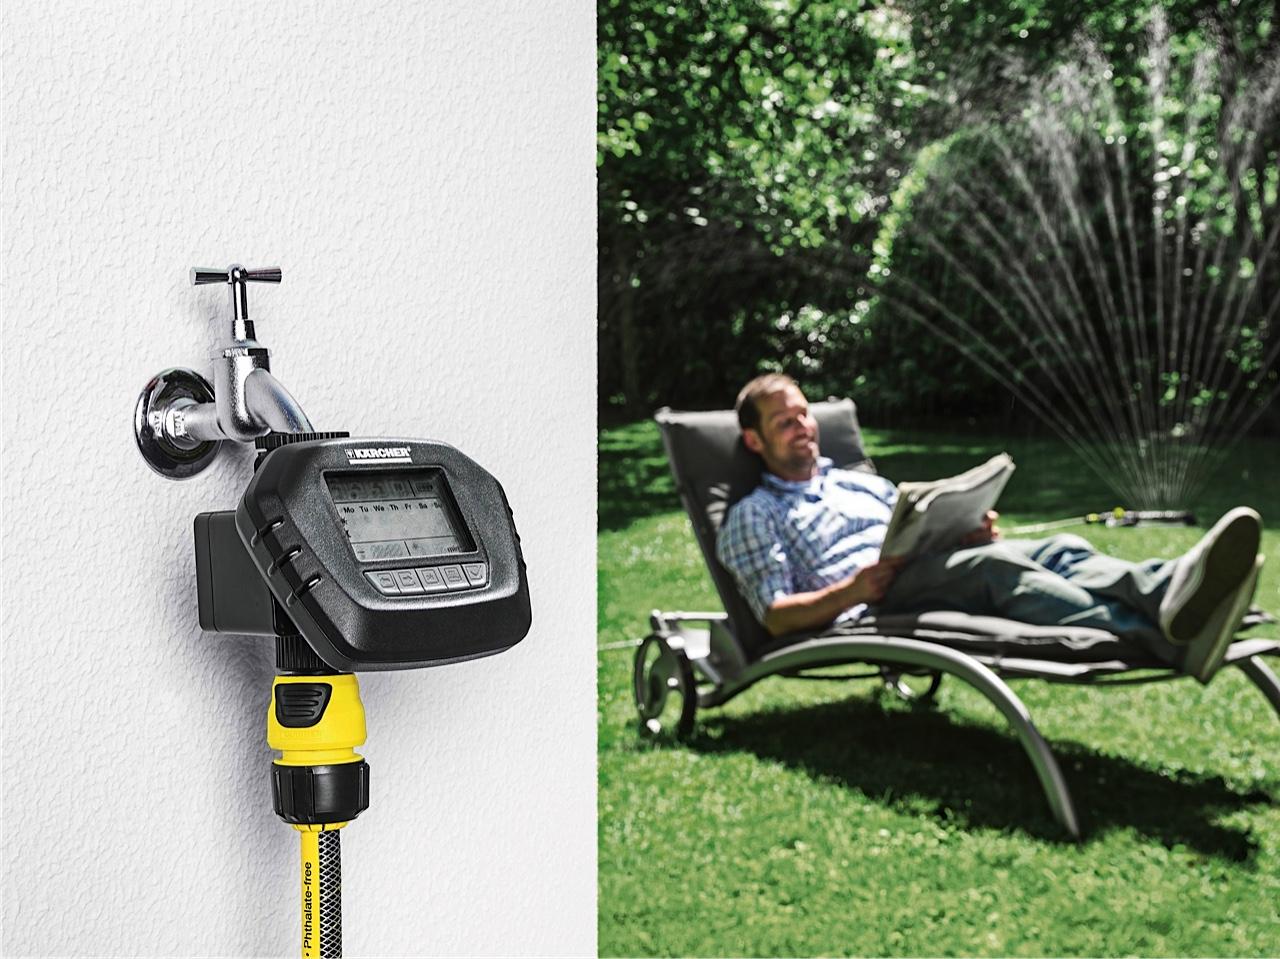 Entspannt zurücklehnen: Smarte Systeme wie der SensoTimer von Kärcher sorgen für die richtige Bewässerung im Garten.